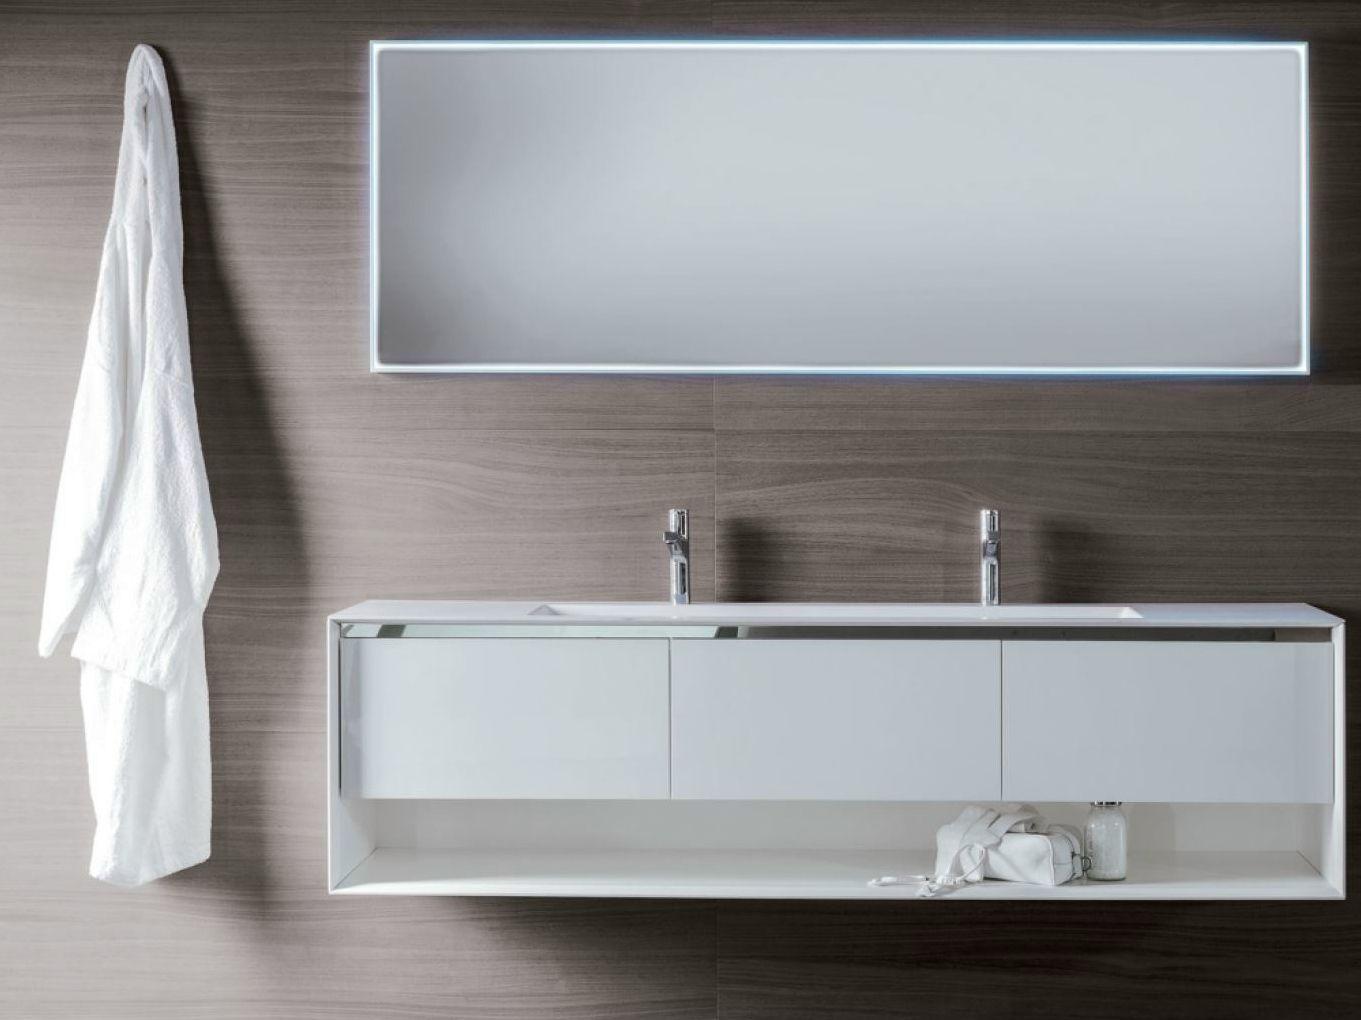 Móvel lavatório lacado suspenso de madeira com gavetas SHAPE EVO  #35302C 1361 1020